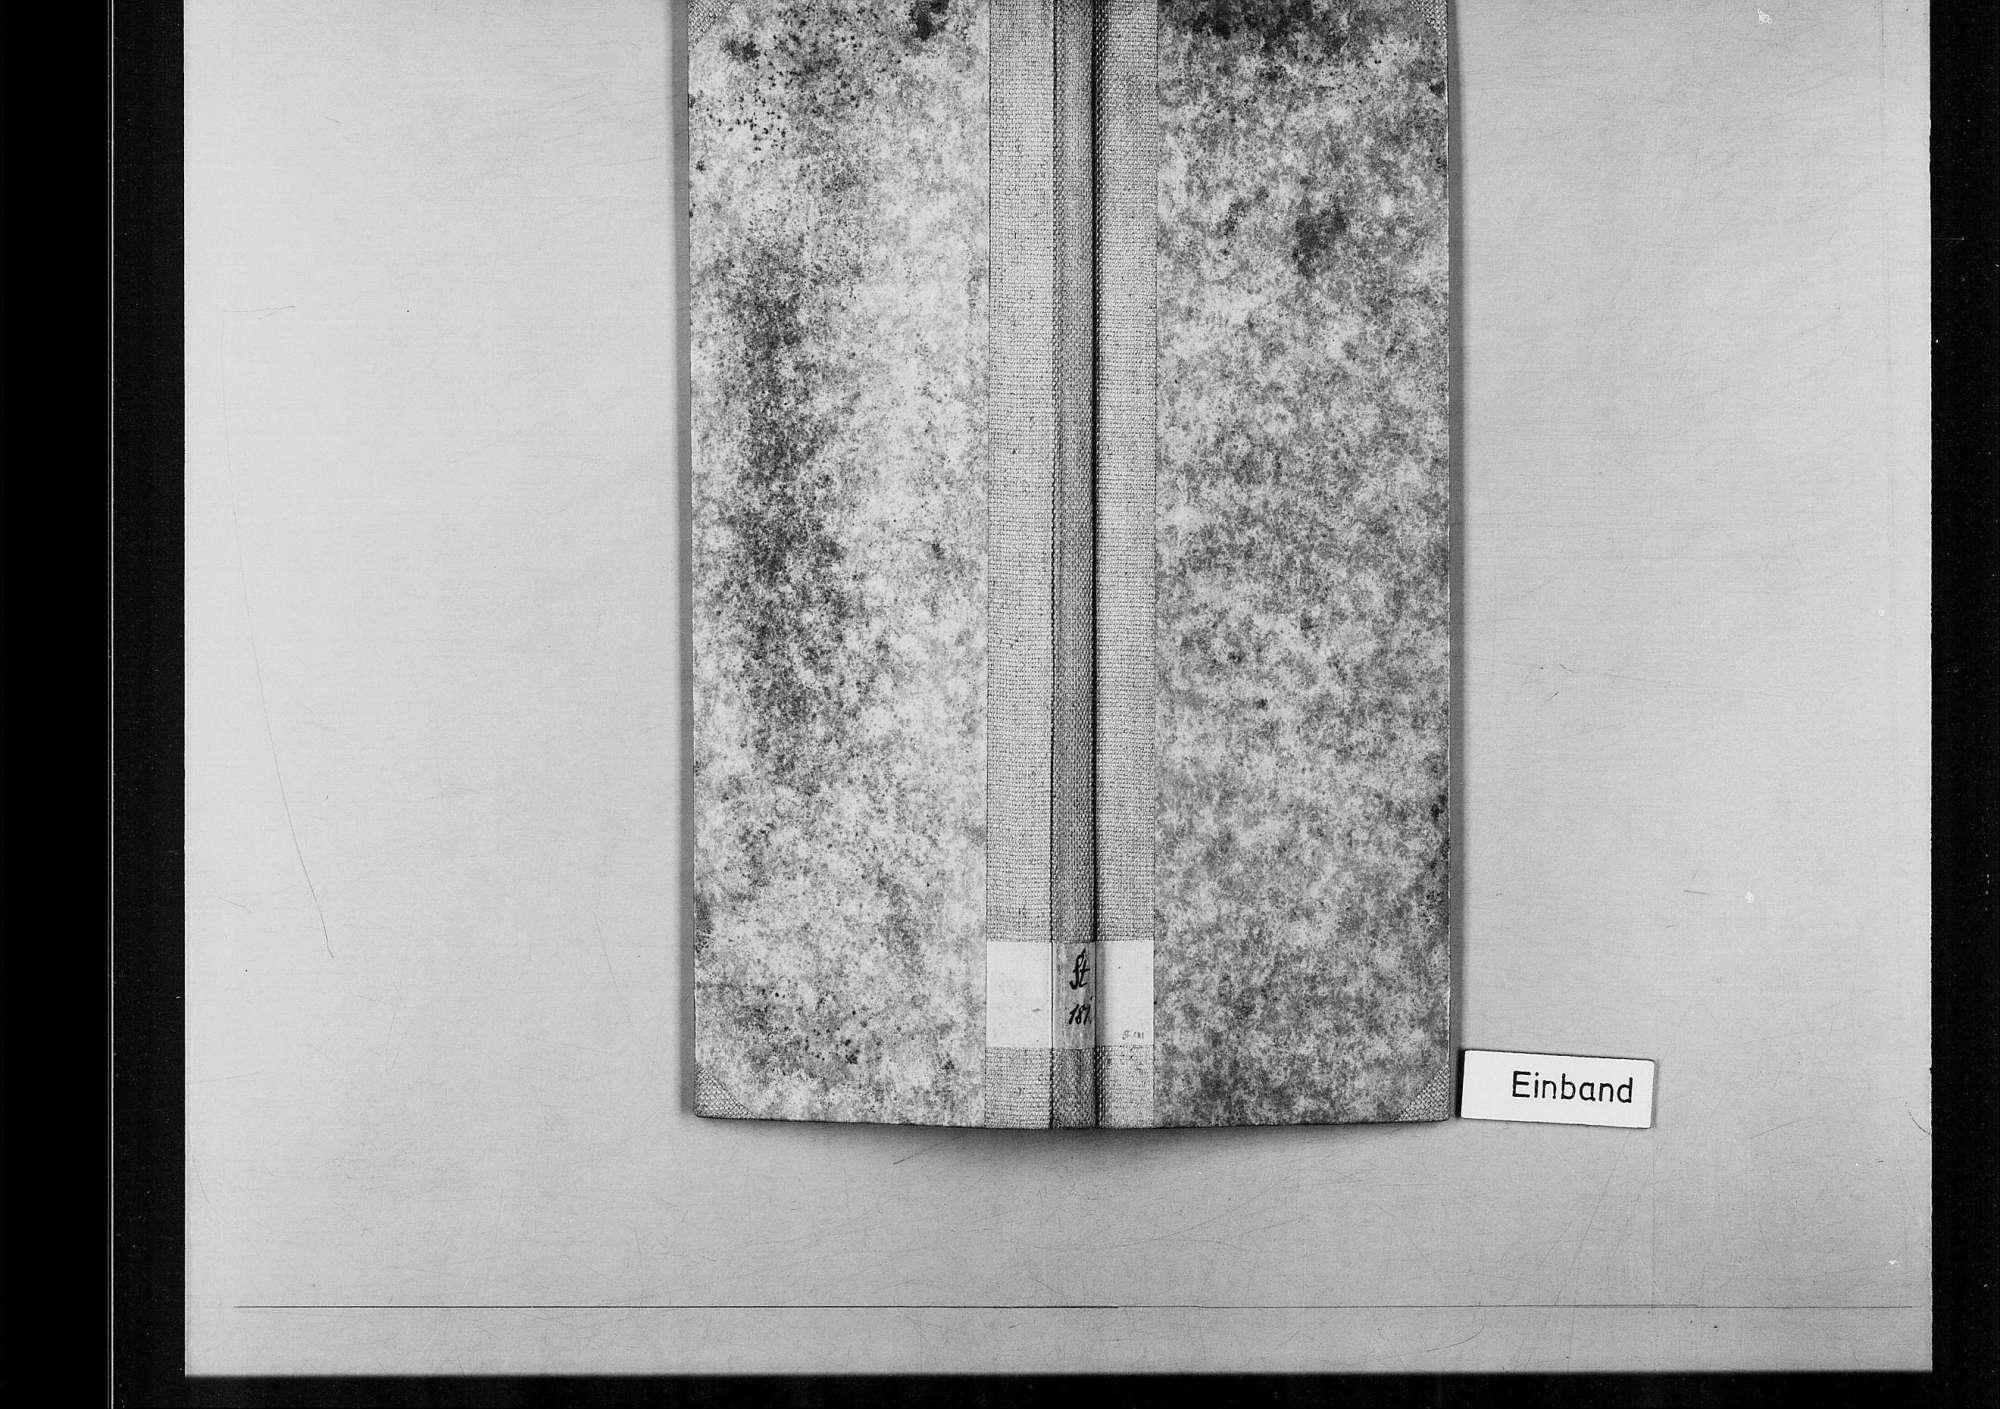 Calw und Zavelstein, Bild 1